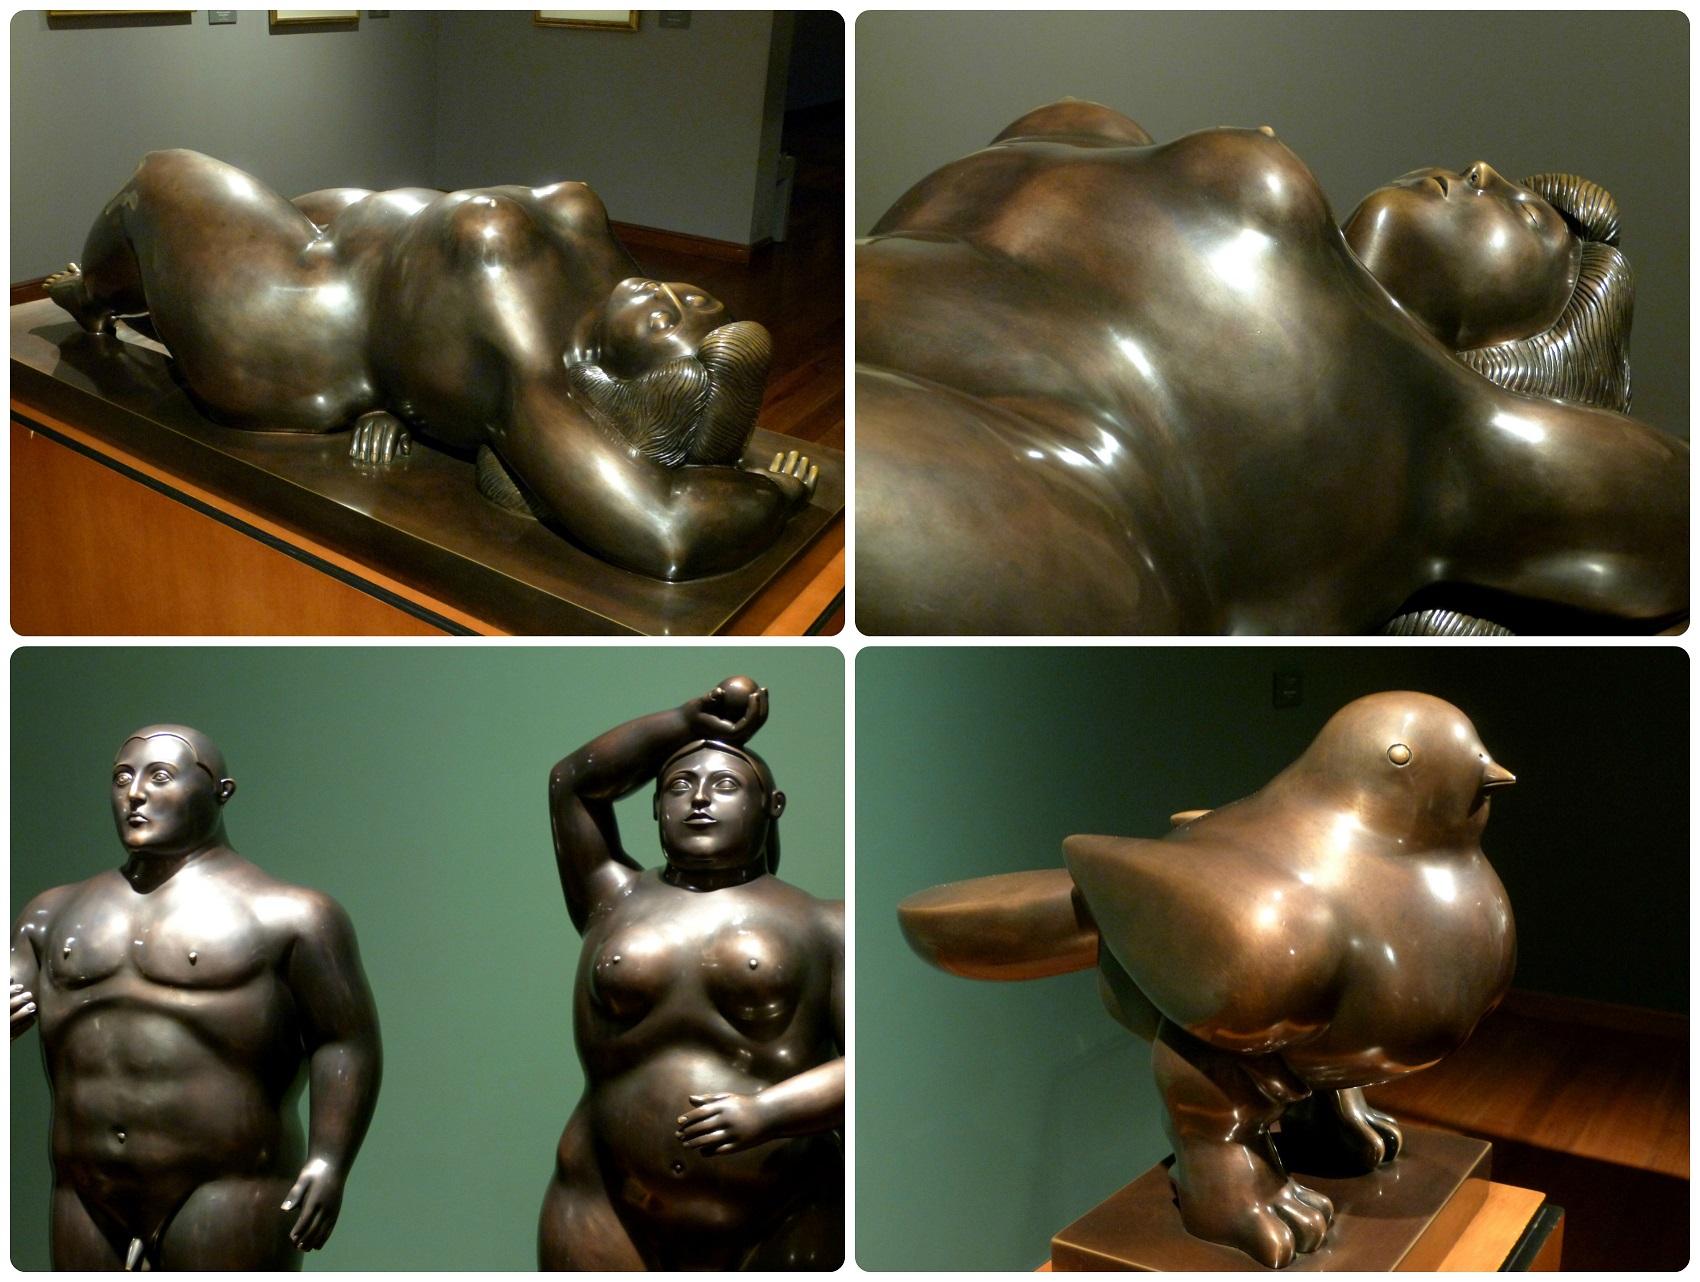 Esculturas de Botero en el Museo Botero de Bogotá